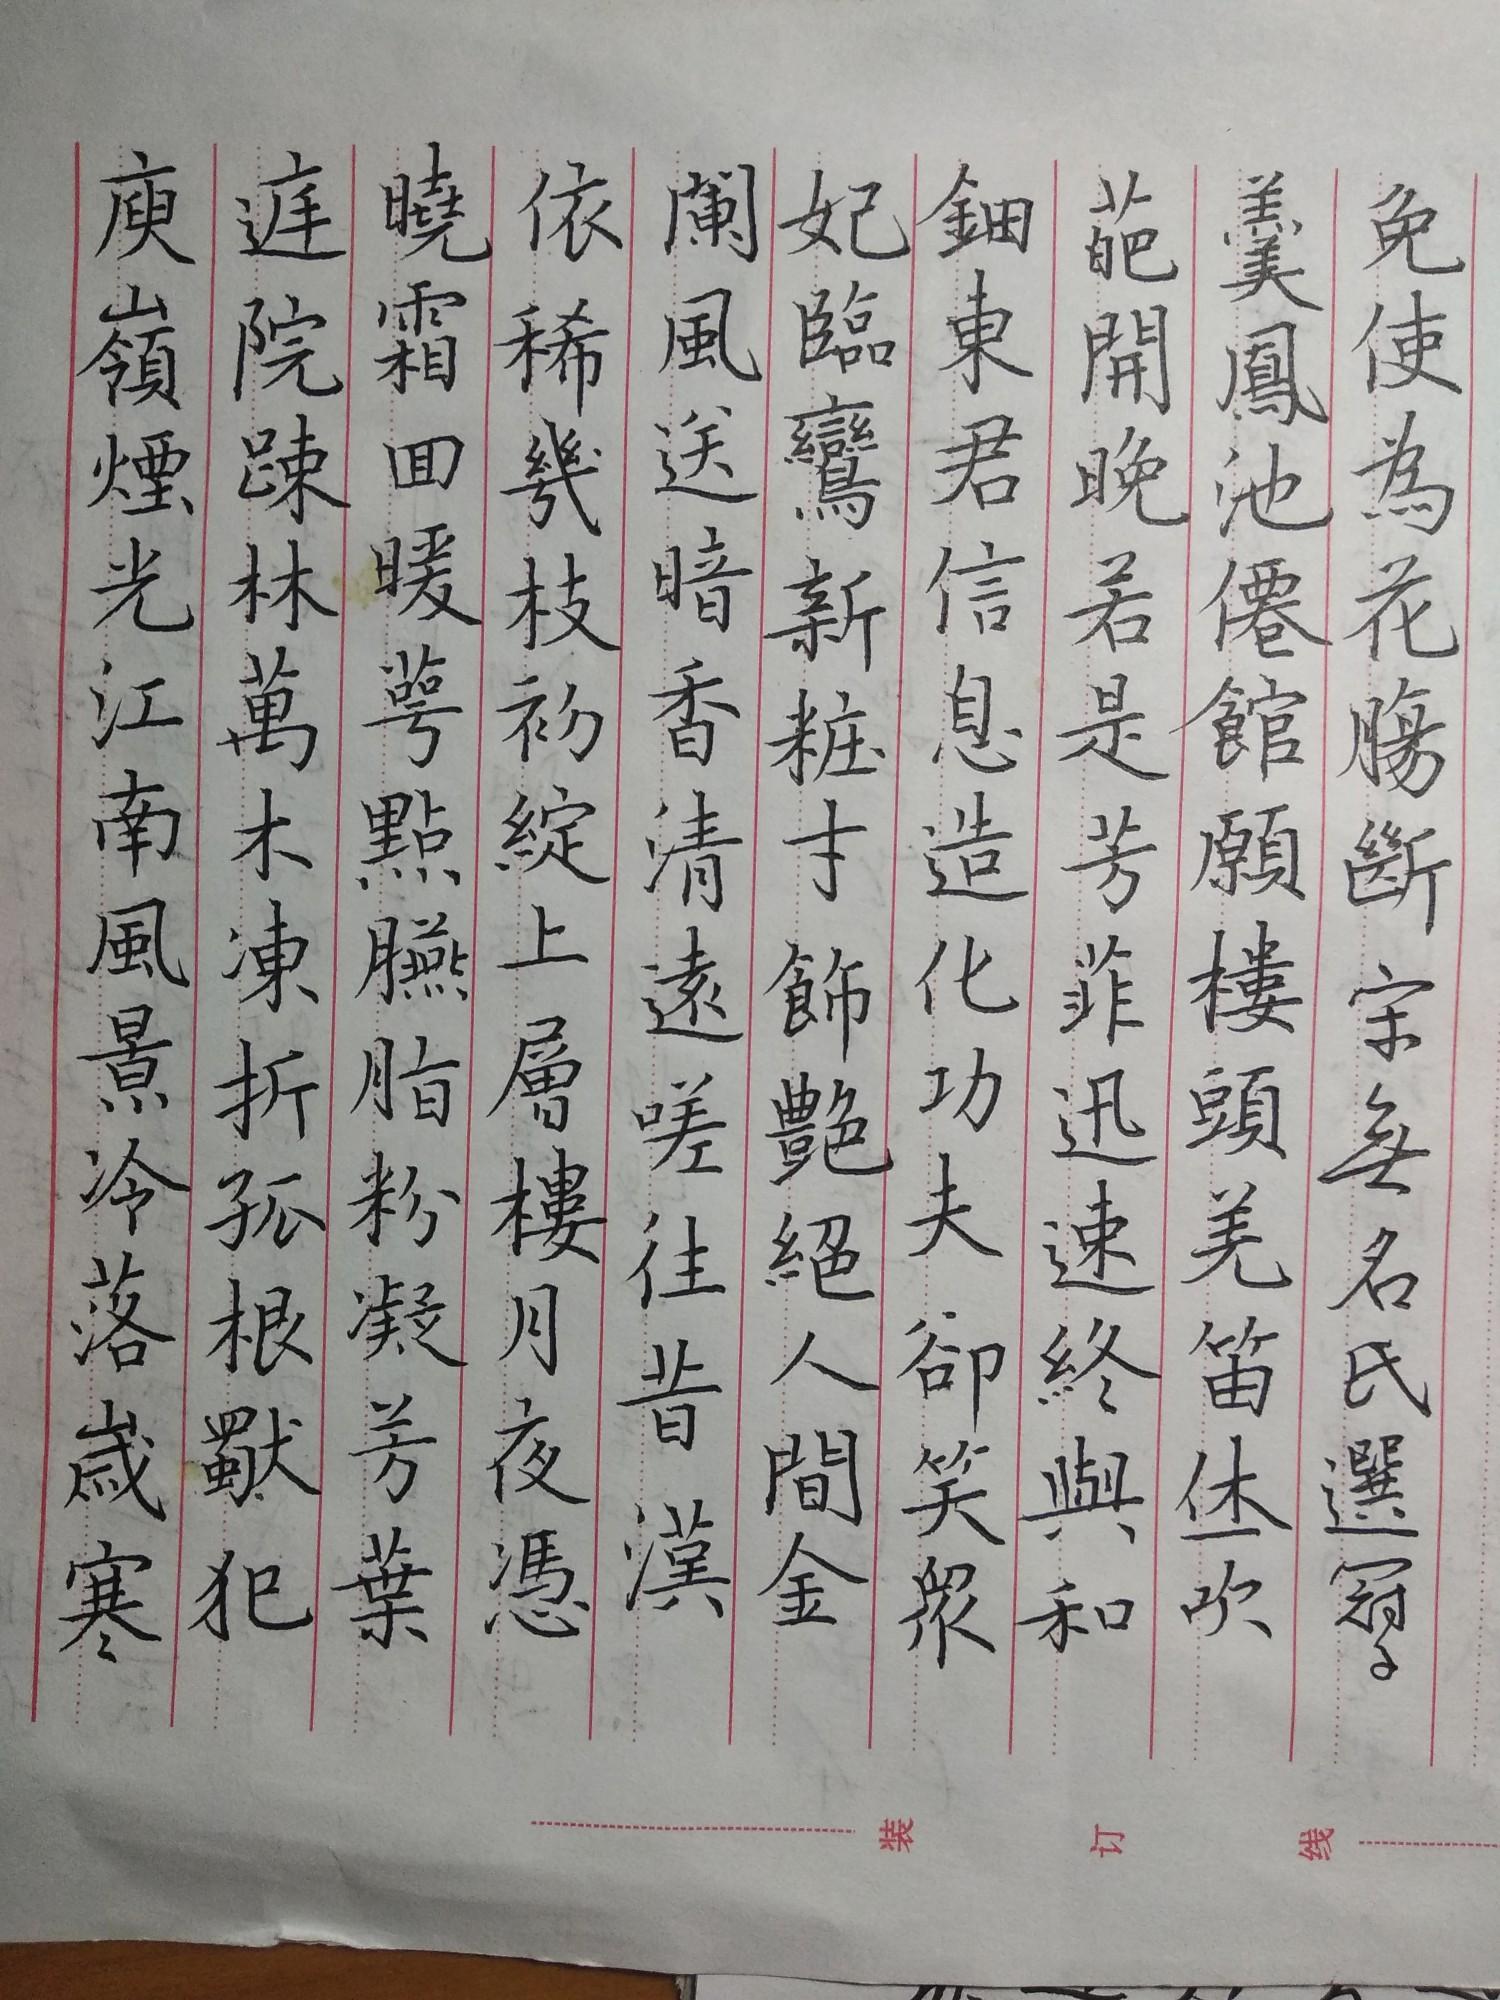 钢笔书法练字打卡20210622-14